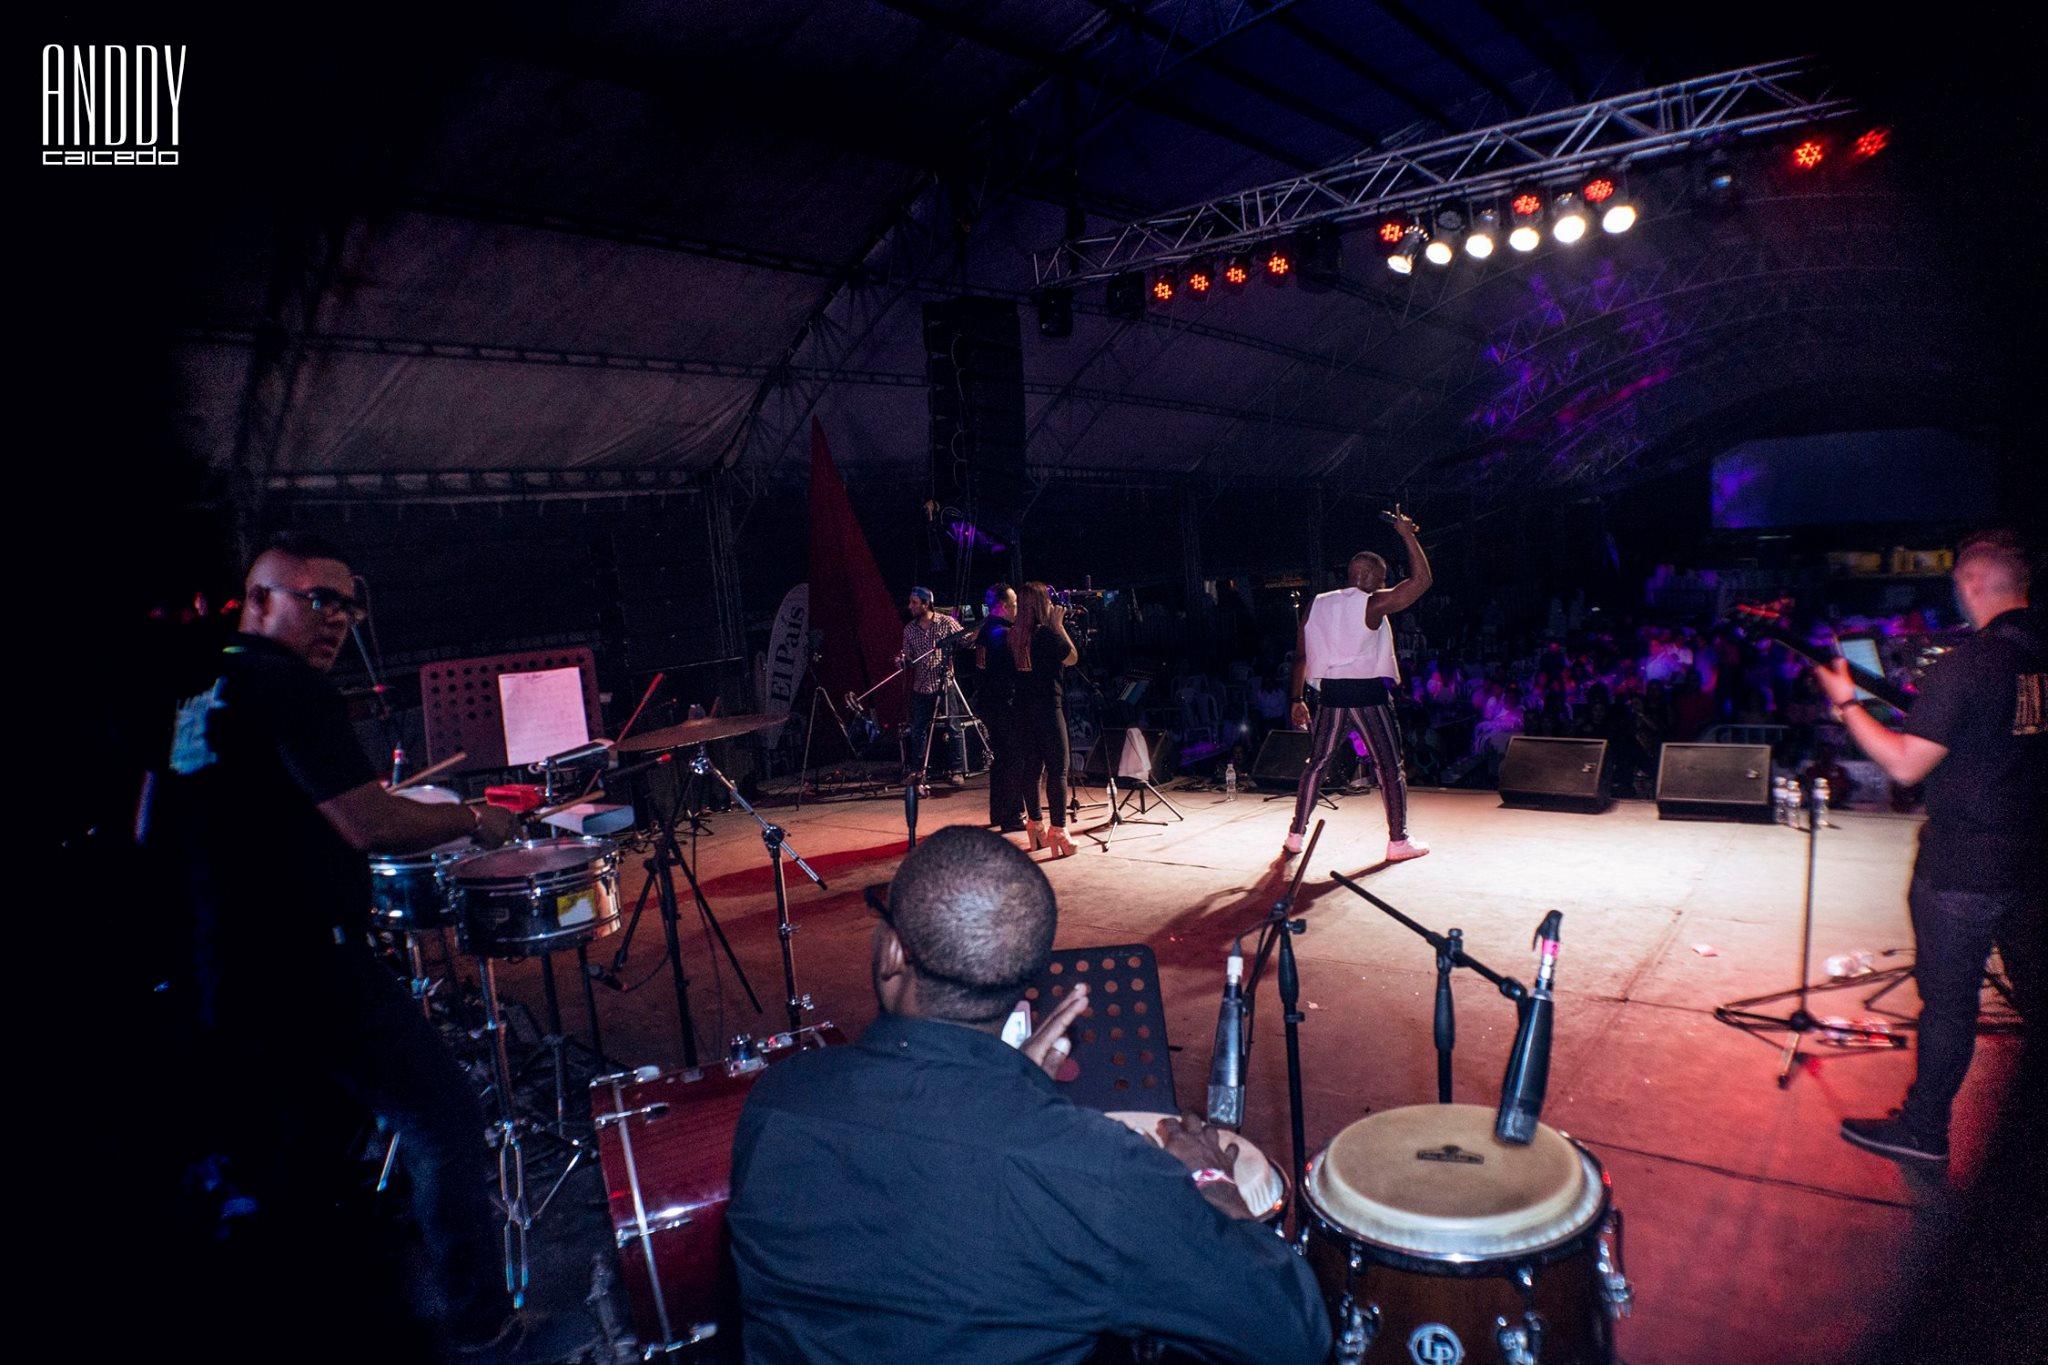 Orquesta de salsa en vivo Anddy Caicedo